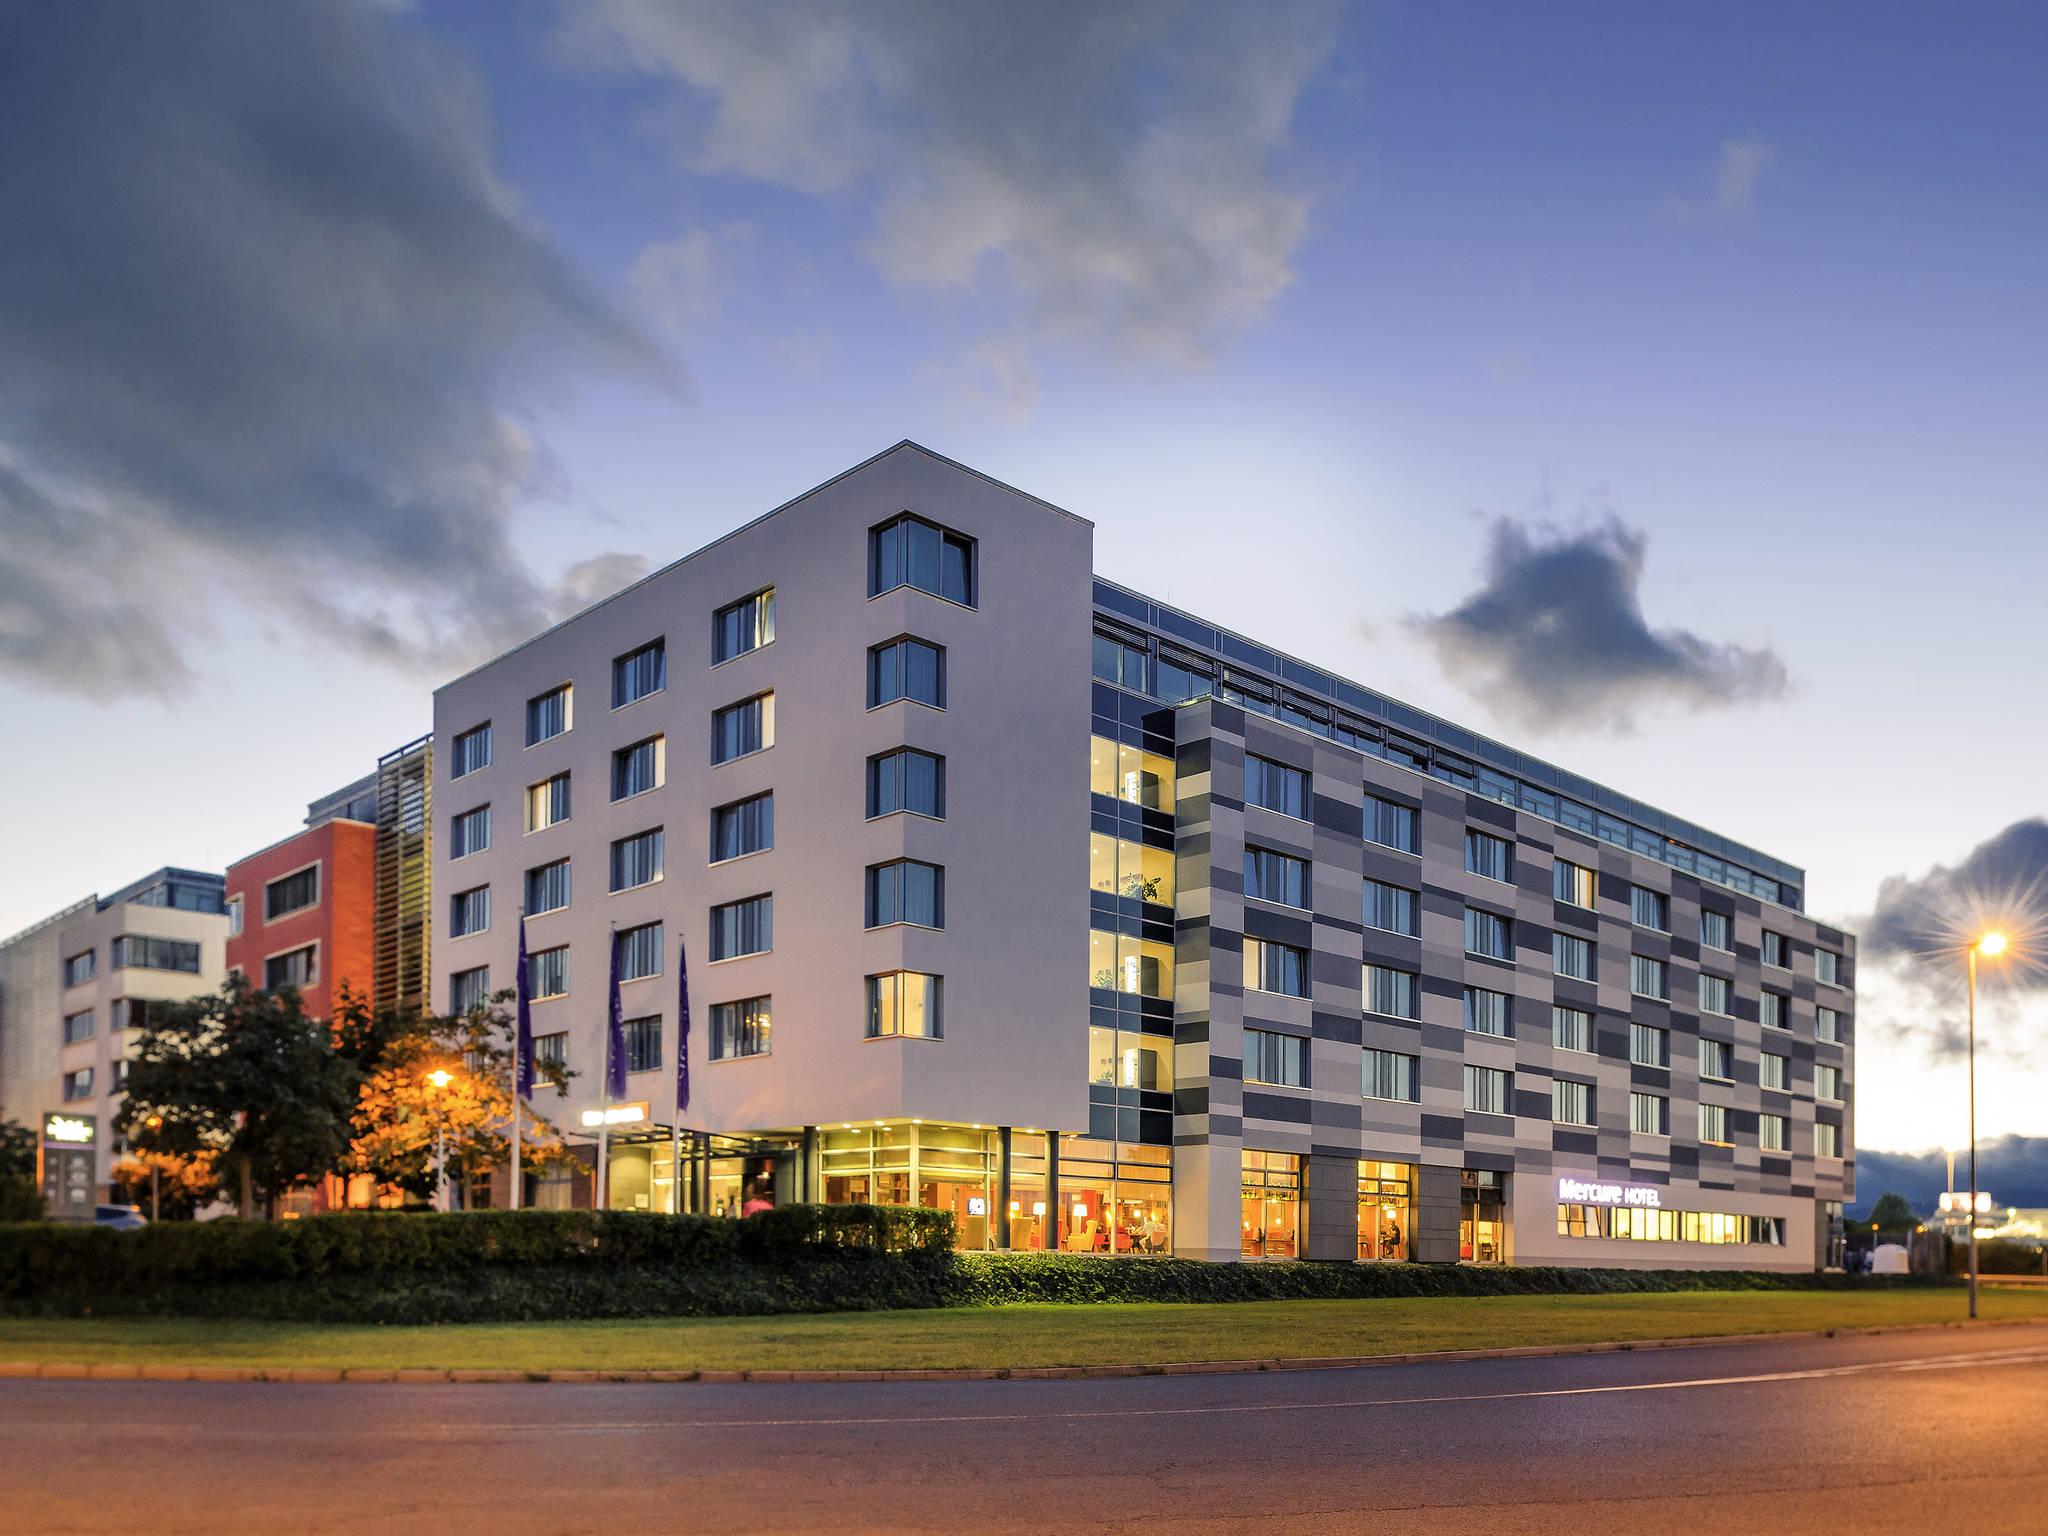 酒店 – 法兰克福埃施博恩黑弗曼公园美居酒店